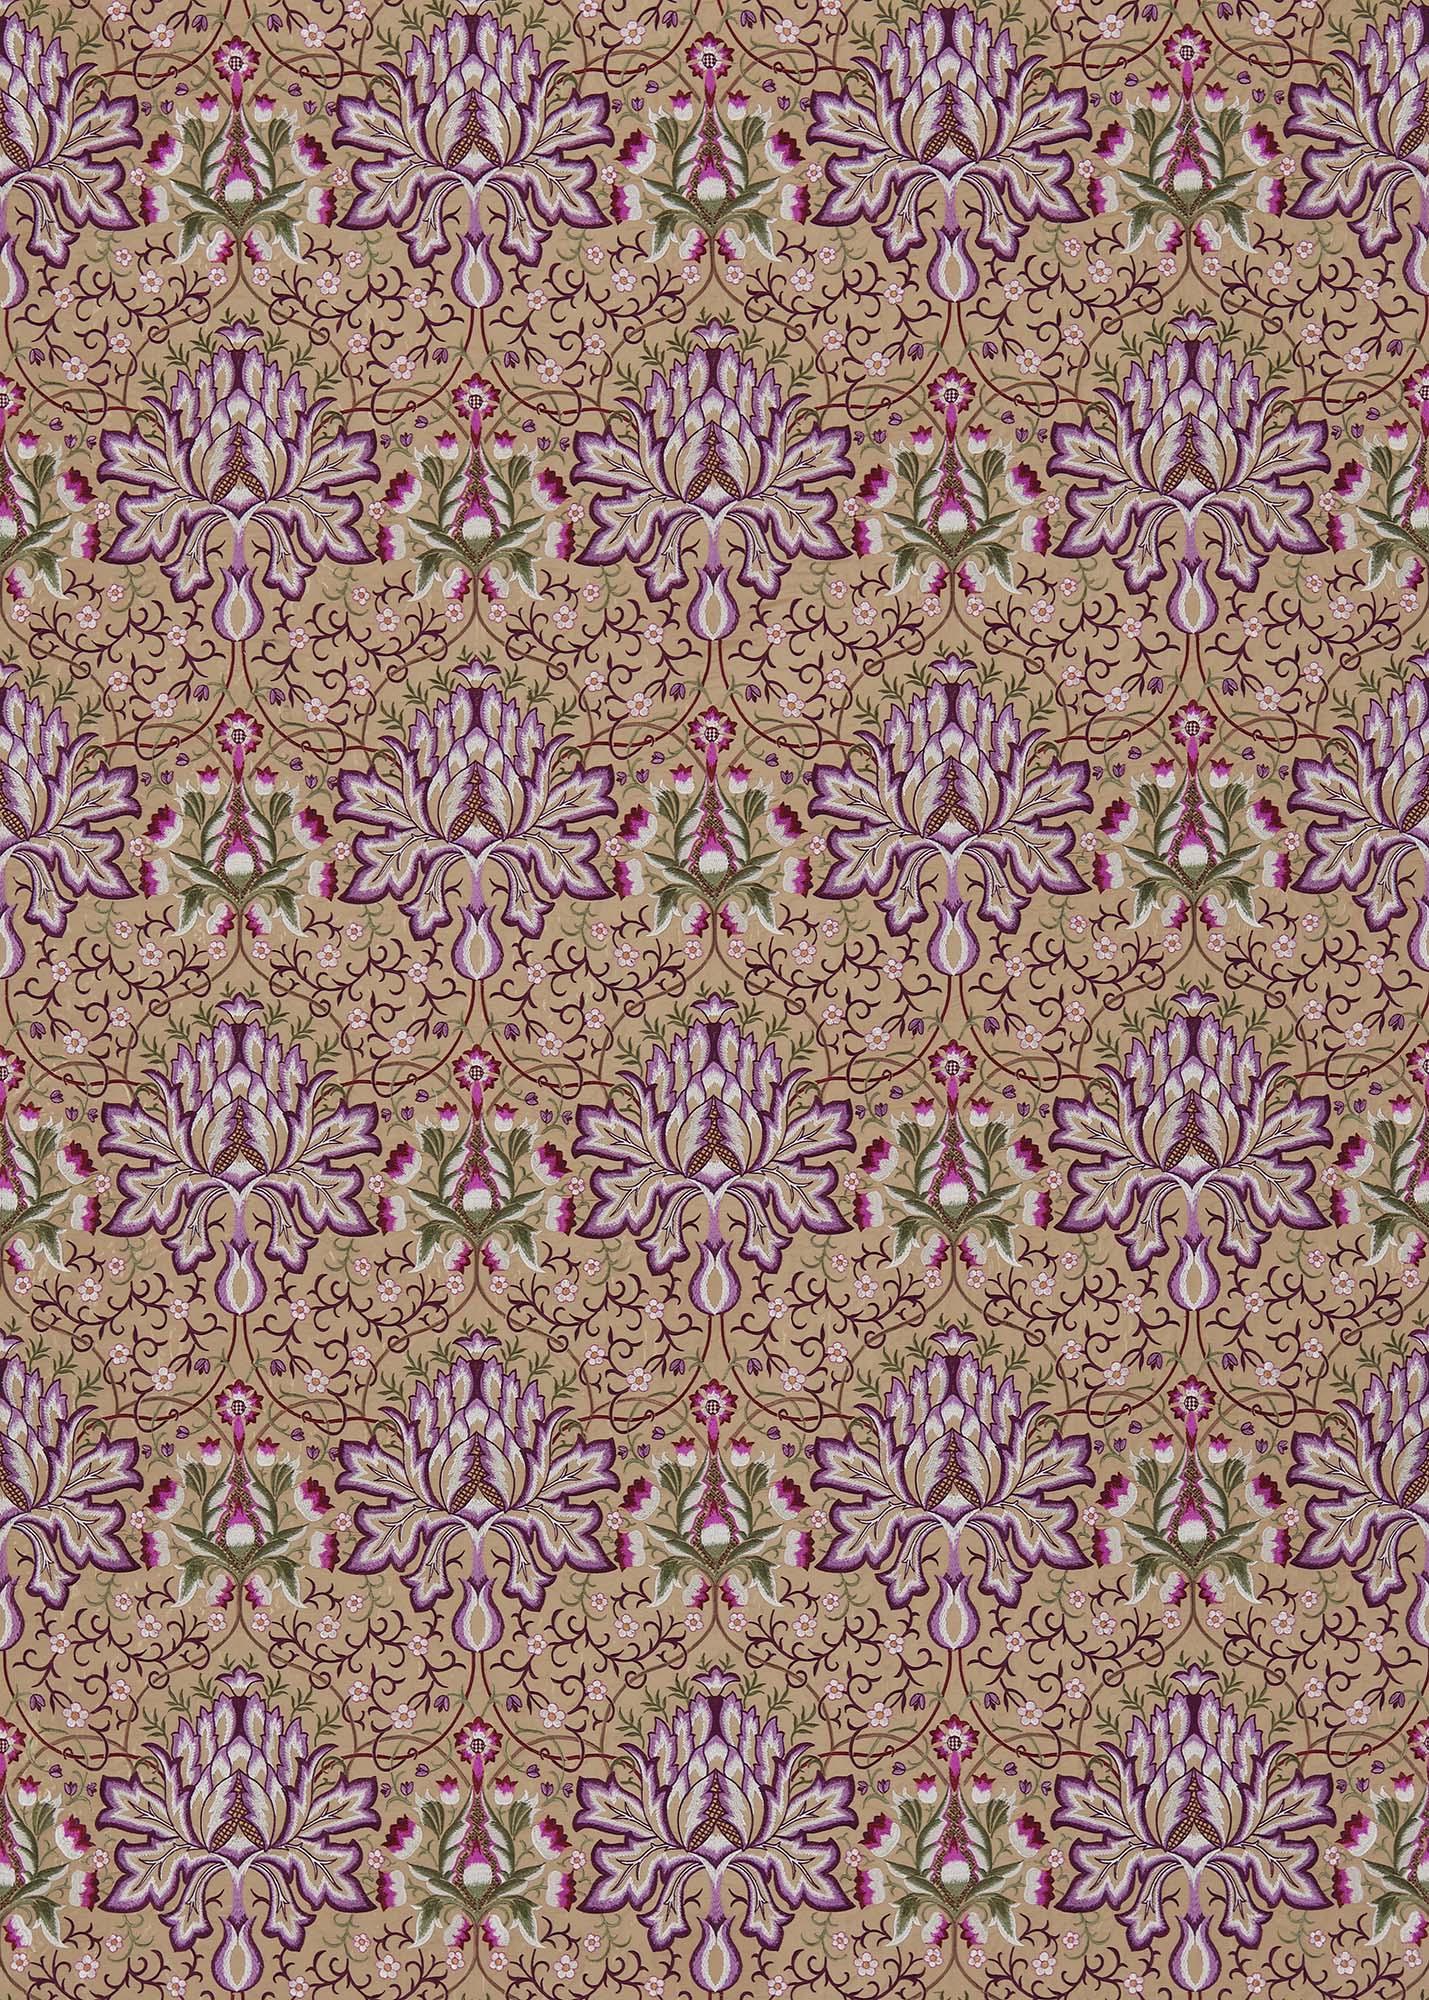 ウィリアムモリス生地 Artichoke Embroidery 234543